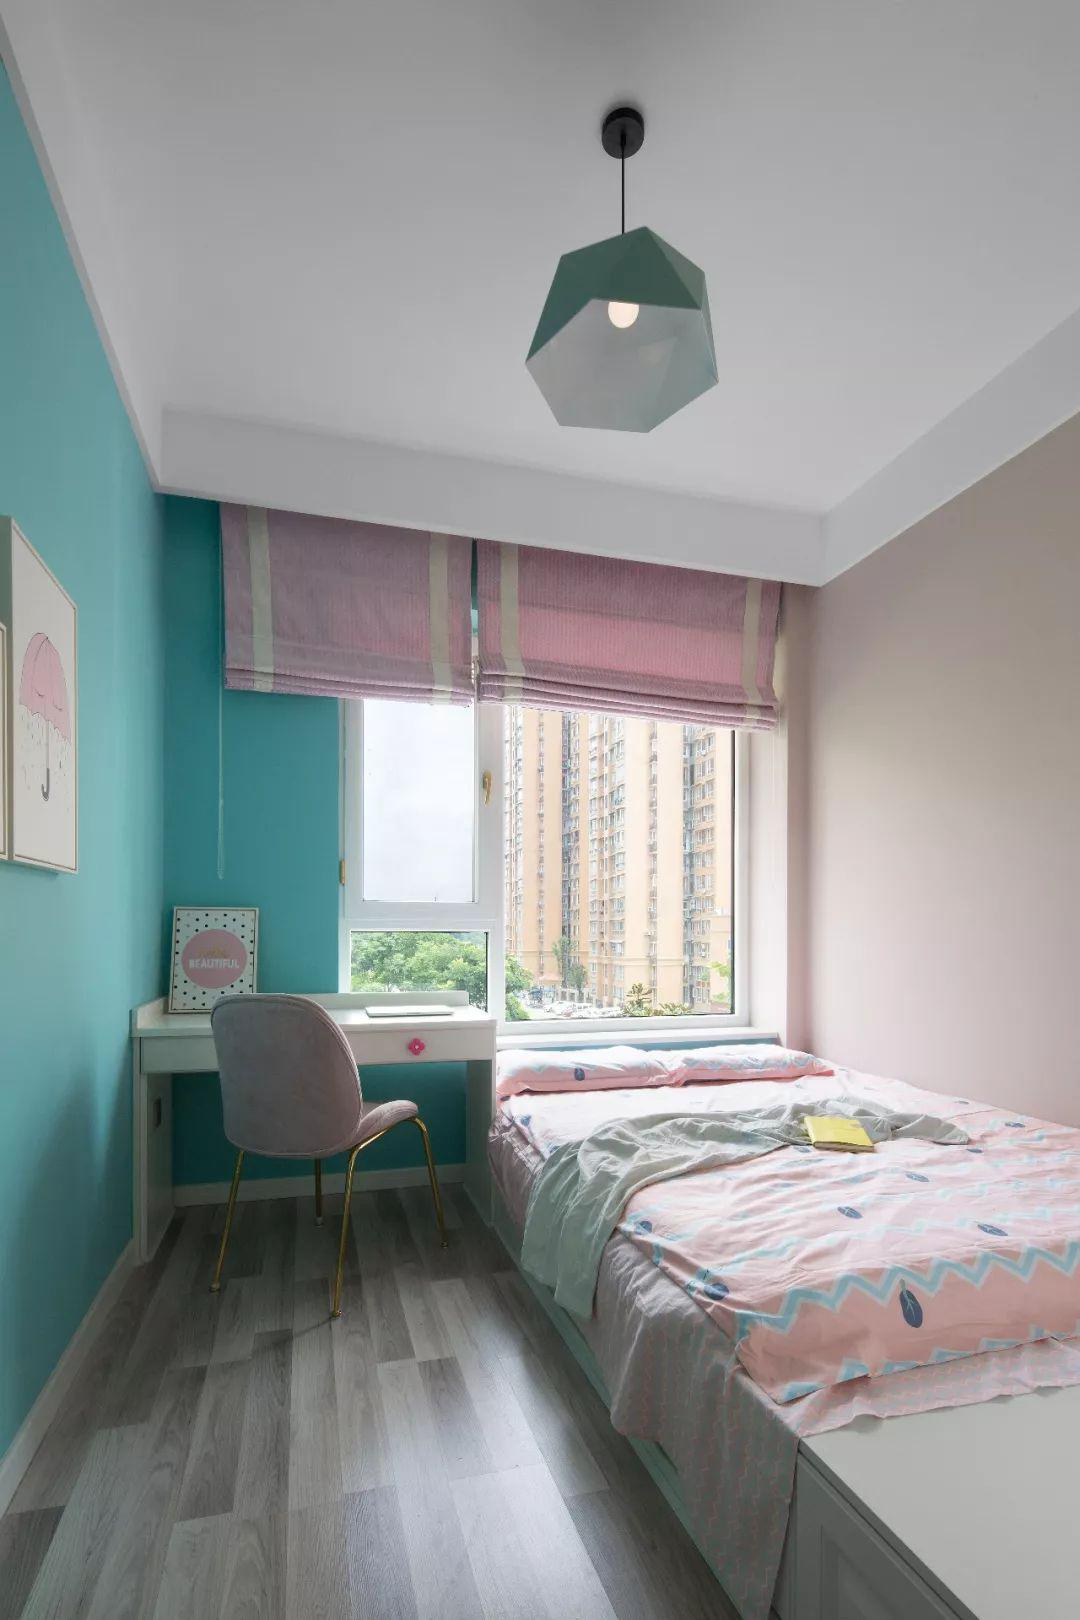 【交换空间】107平的美式风三居室,好喜欢这款森系电视背景墙